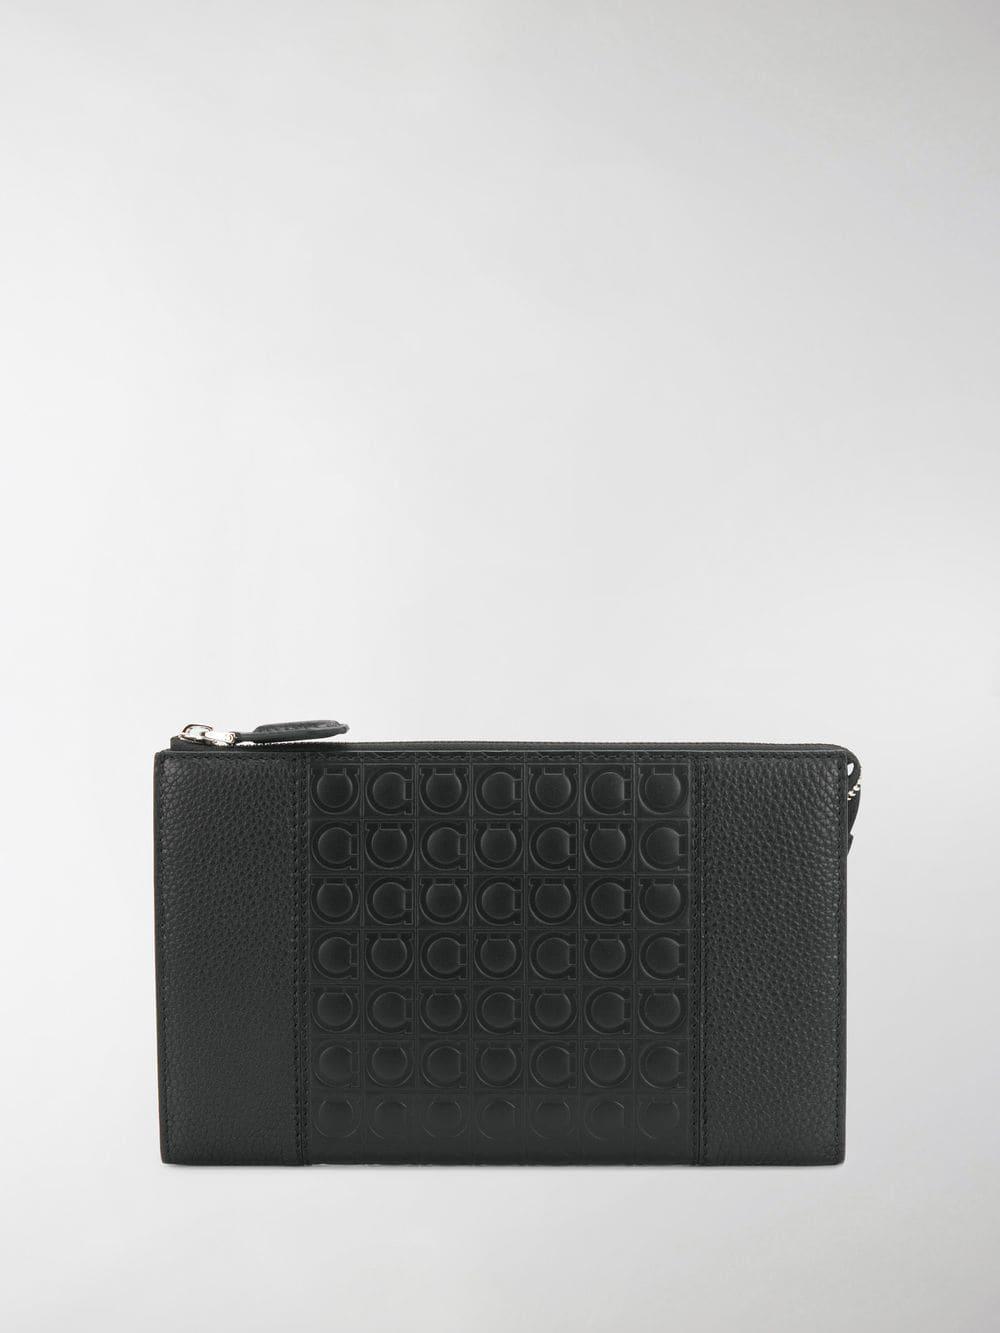 c334409dc0af Lyst - Ferragamo Embossed Gancio Clutch in Black for Men